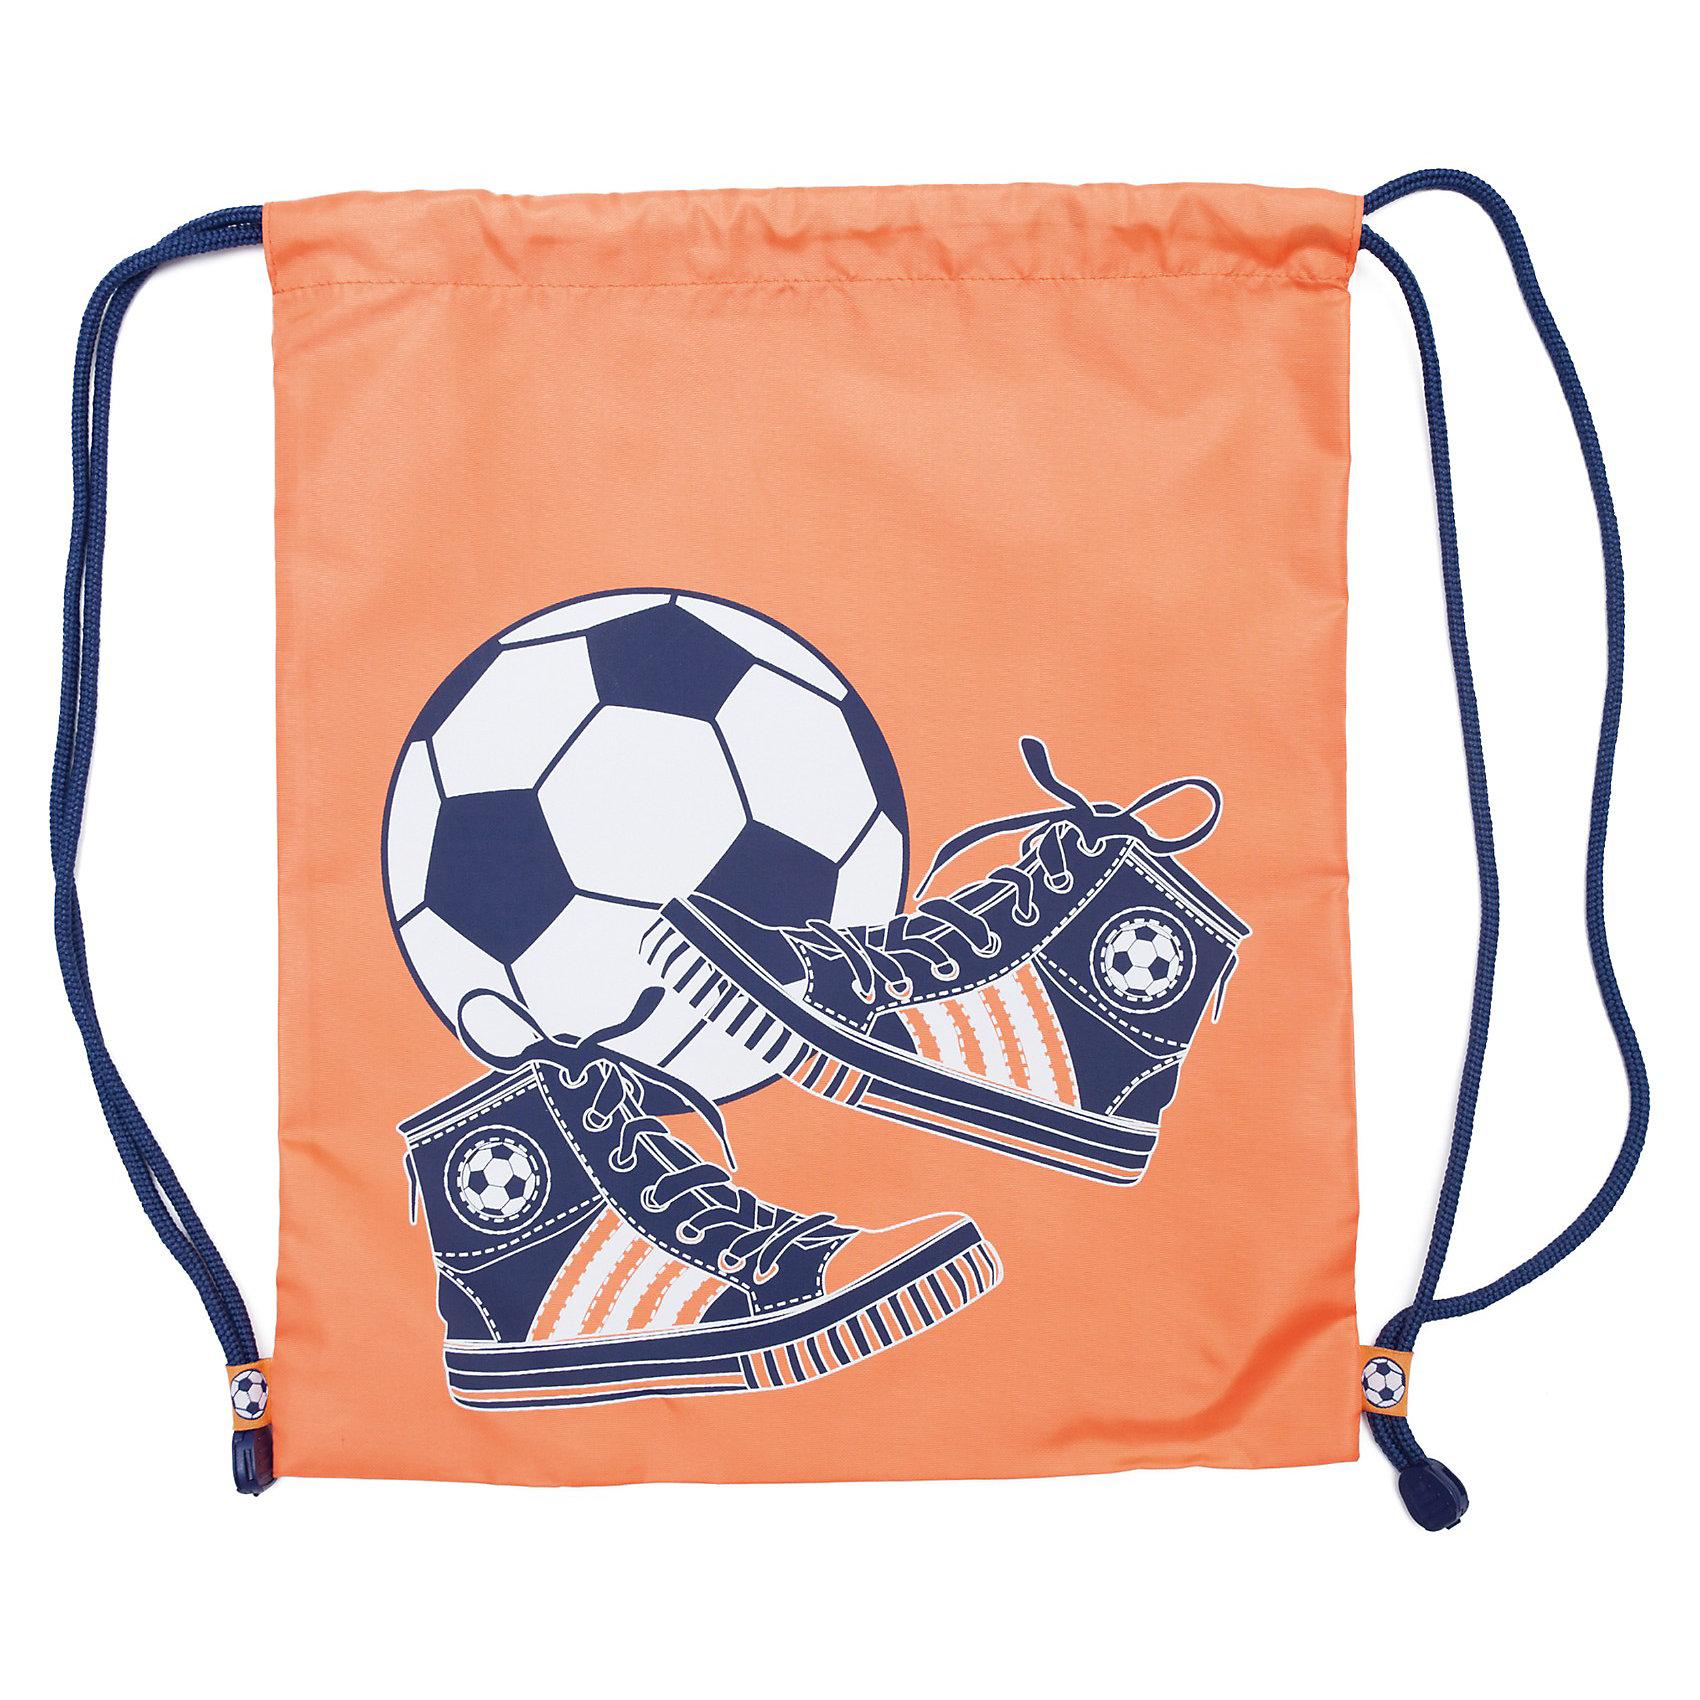 Сумка  для мальчика PlayTodayСумка  для мальчика от PLayToday.<br>* сумка-рюкзак из прочного полиэстера<br>* лямки-веревочки позволяют носить сумку на одном или на двух плечах<br>* яркий принт<br>Состав:<br>100% полиэстер<br><br>Сумку  для мальчика PlayToday (Плэйтудей) можно купить в нашем магазине.<br><br>Ширина мм: 170<br>Глубина мм: 157<br>Высота мм: 67<br>Вес г: 117<br>Цвет: оранжевый<br>Возраст от месяцев: 0<br>Возраст до месяцев: 1188<br>Пол: Мужской<br>Возраст: Детский<br>Размер: one size<br>SKU: 3510646